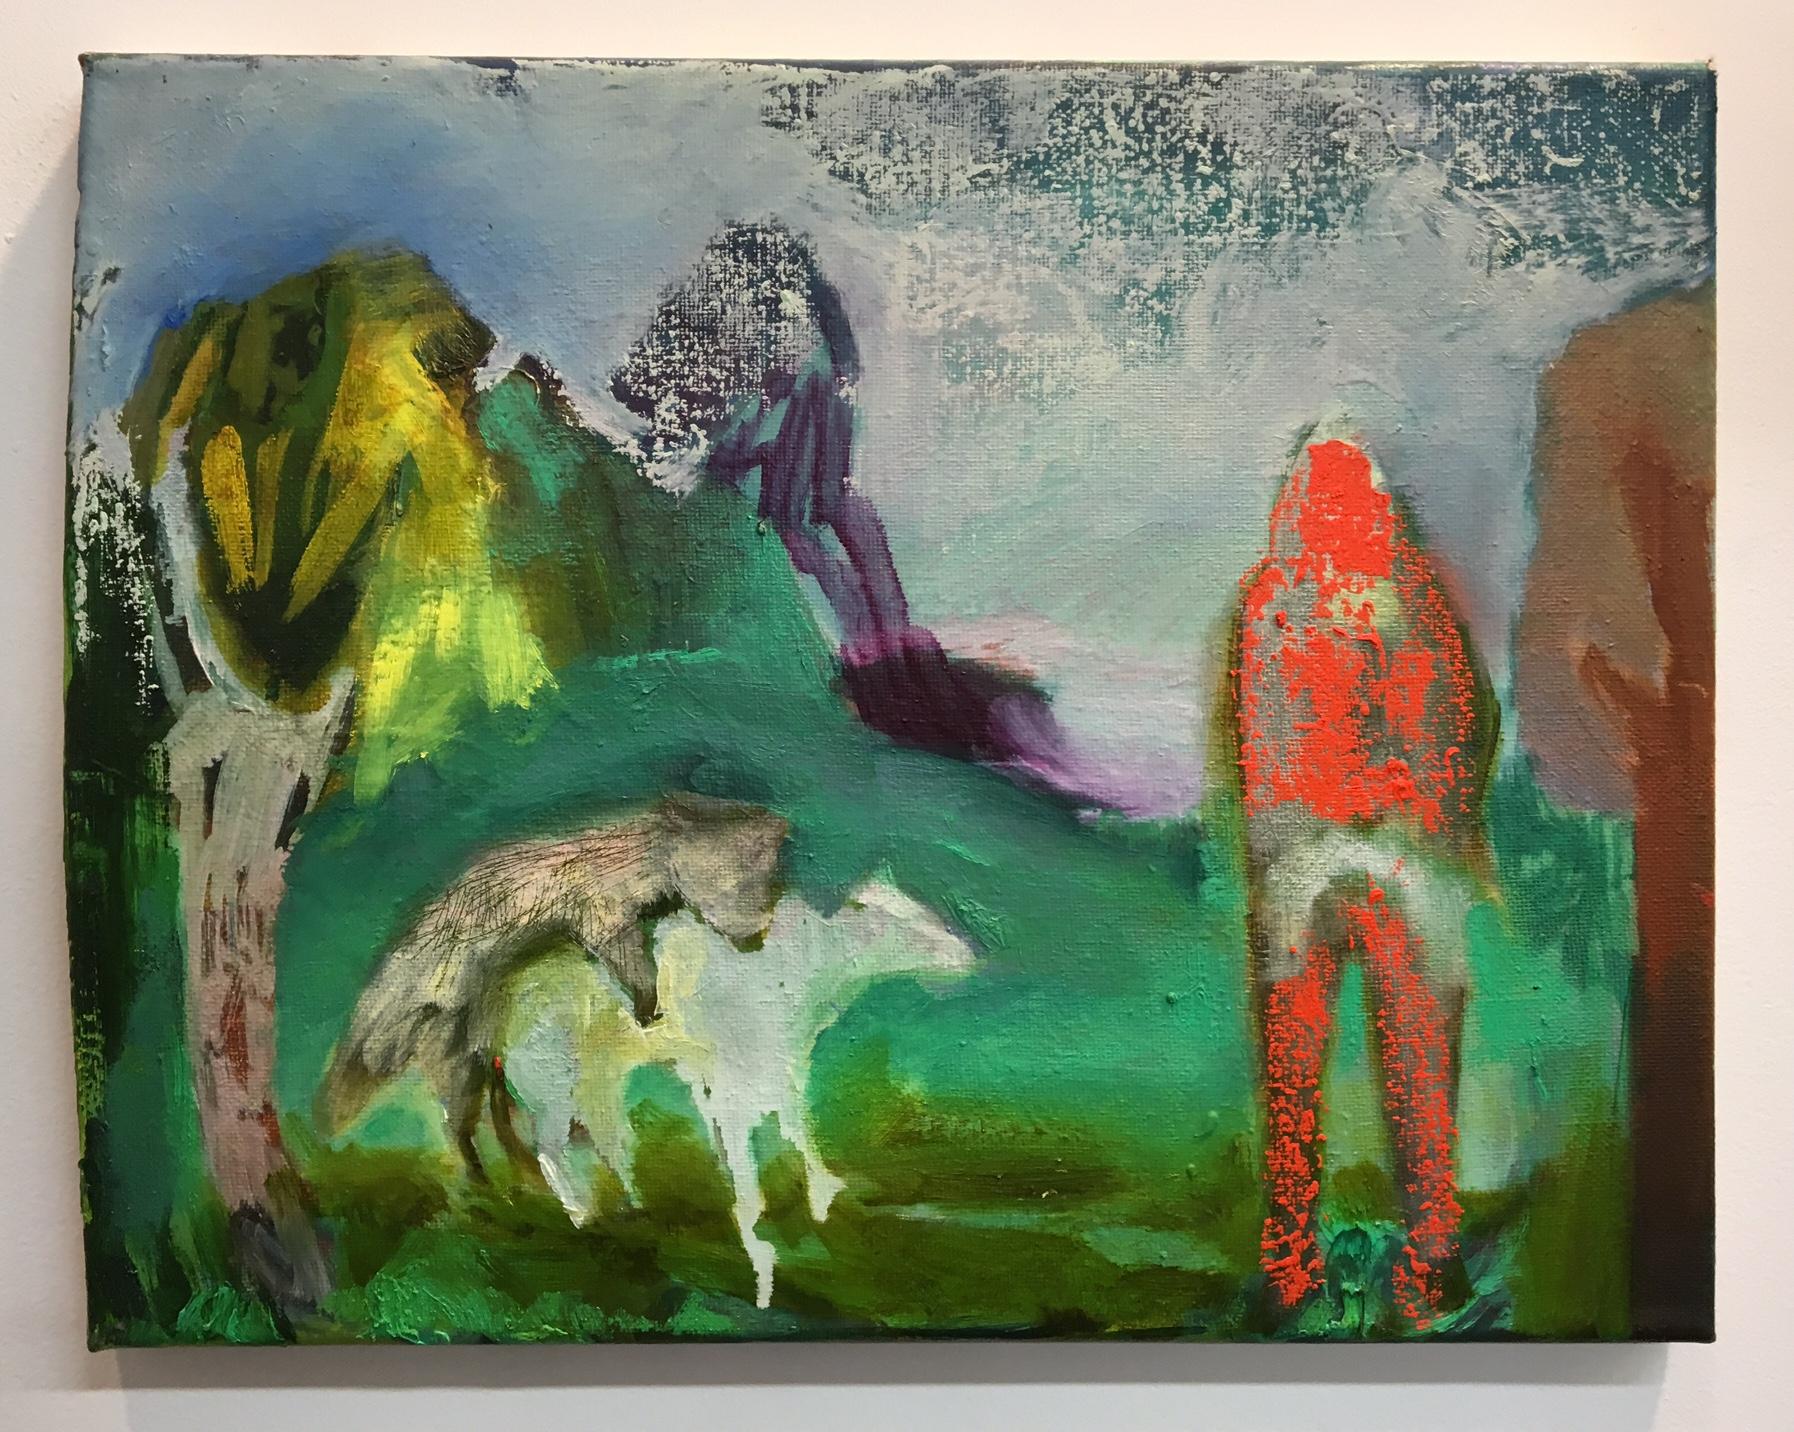 Elizabeth Glaessner, Dog on dog, 2016